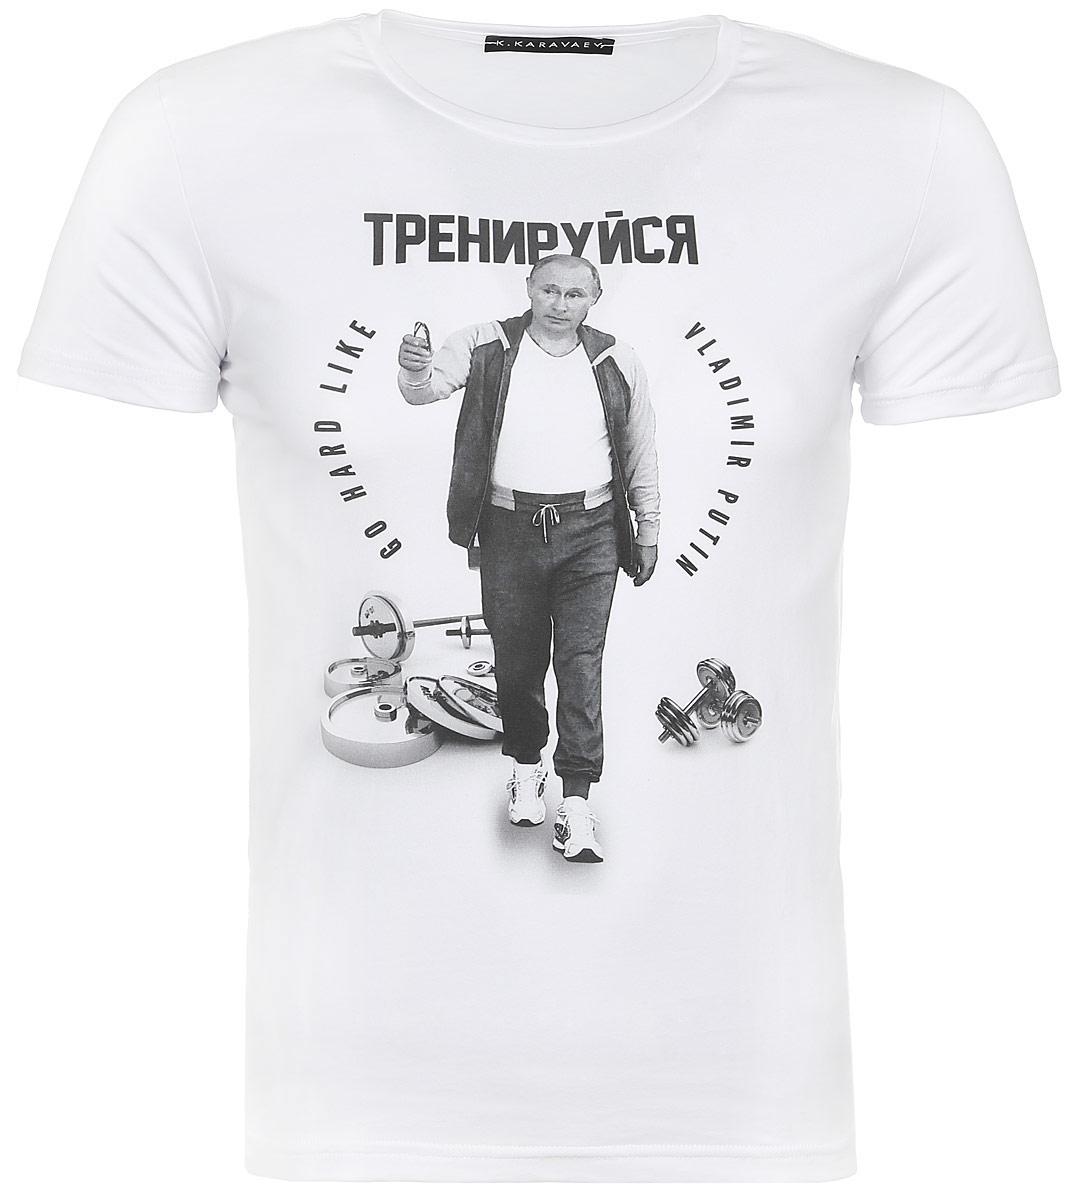 Футболка15.053.01.01.1Стильная футболка K.Karavaev Тренируйся, выполненная из высококачественного эластичного хлопка, обладает высокой воздухопроницаемостью и гигроскопичностью, позволяет коже дышать. Такая футболка великолепно подойдет как для повседневной носки, так и для спортивных занятий. Модель с короткими рукавами и круглым вырезом горловины - идеальный вариант для создания модного современного образа. Футболка оформлена красочным остроумным принтом с надписью Тренируйся. Такая модель подарит вам комфорт в течение всего дня и послужит замечательным дополнением к вашему гардеробу. Бренд K.Karavaev - это не только одна из самых популярных фирм по продаже патриотических футболок и свитшотов, но и круглосуточный мониторинг трендов. Компания была создана на базе легендарной Hearts Of Russia (знаменитые футболки в ГУМе) и Design Ministry из Петербурга, славящейся своими дизайнерскими и остроумными принтами. Симбиоз двух брендов положил начало новому K.Karavaev, взявшему своё...